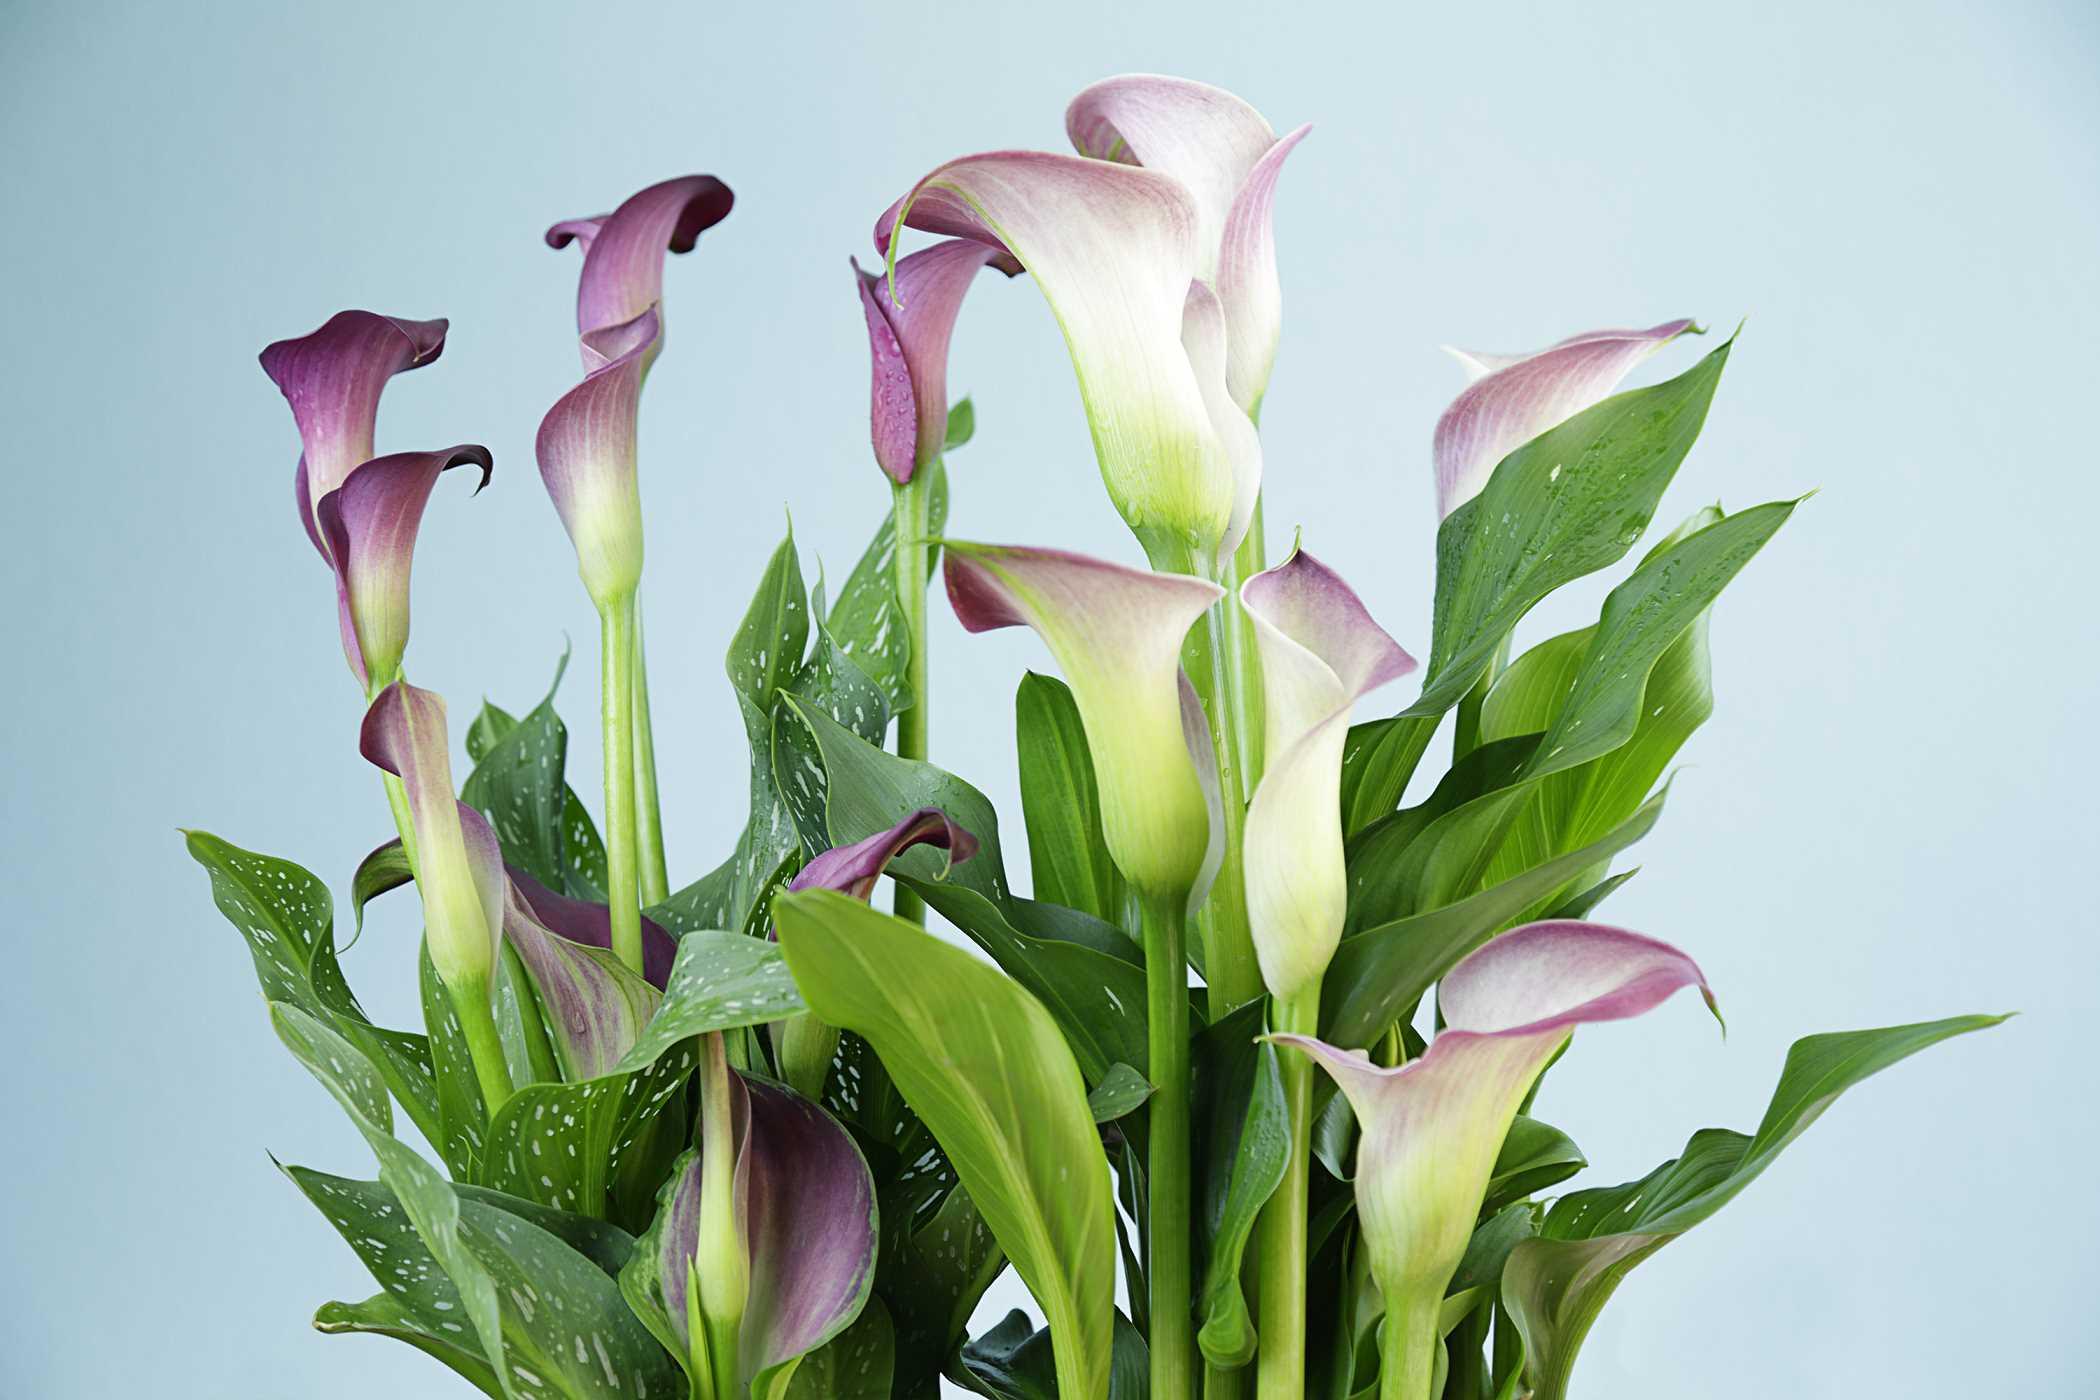 Kwiat Kalia W Domu Uprawa Pielegnacja Podlewanie Pieknego Kwiatu Doniczkowego